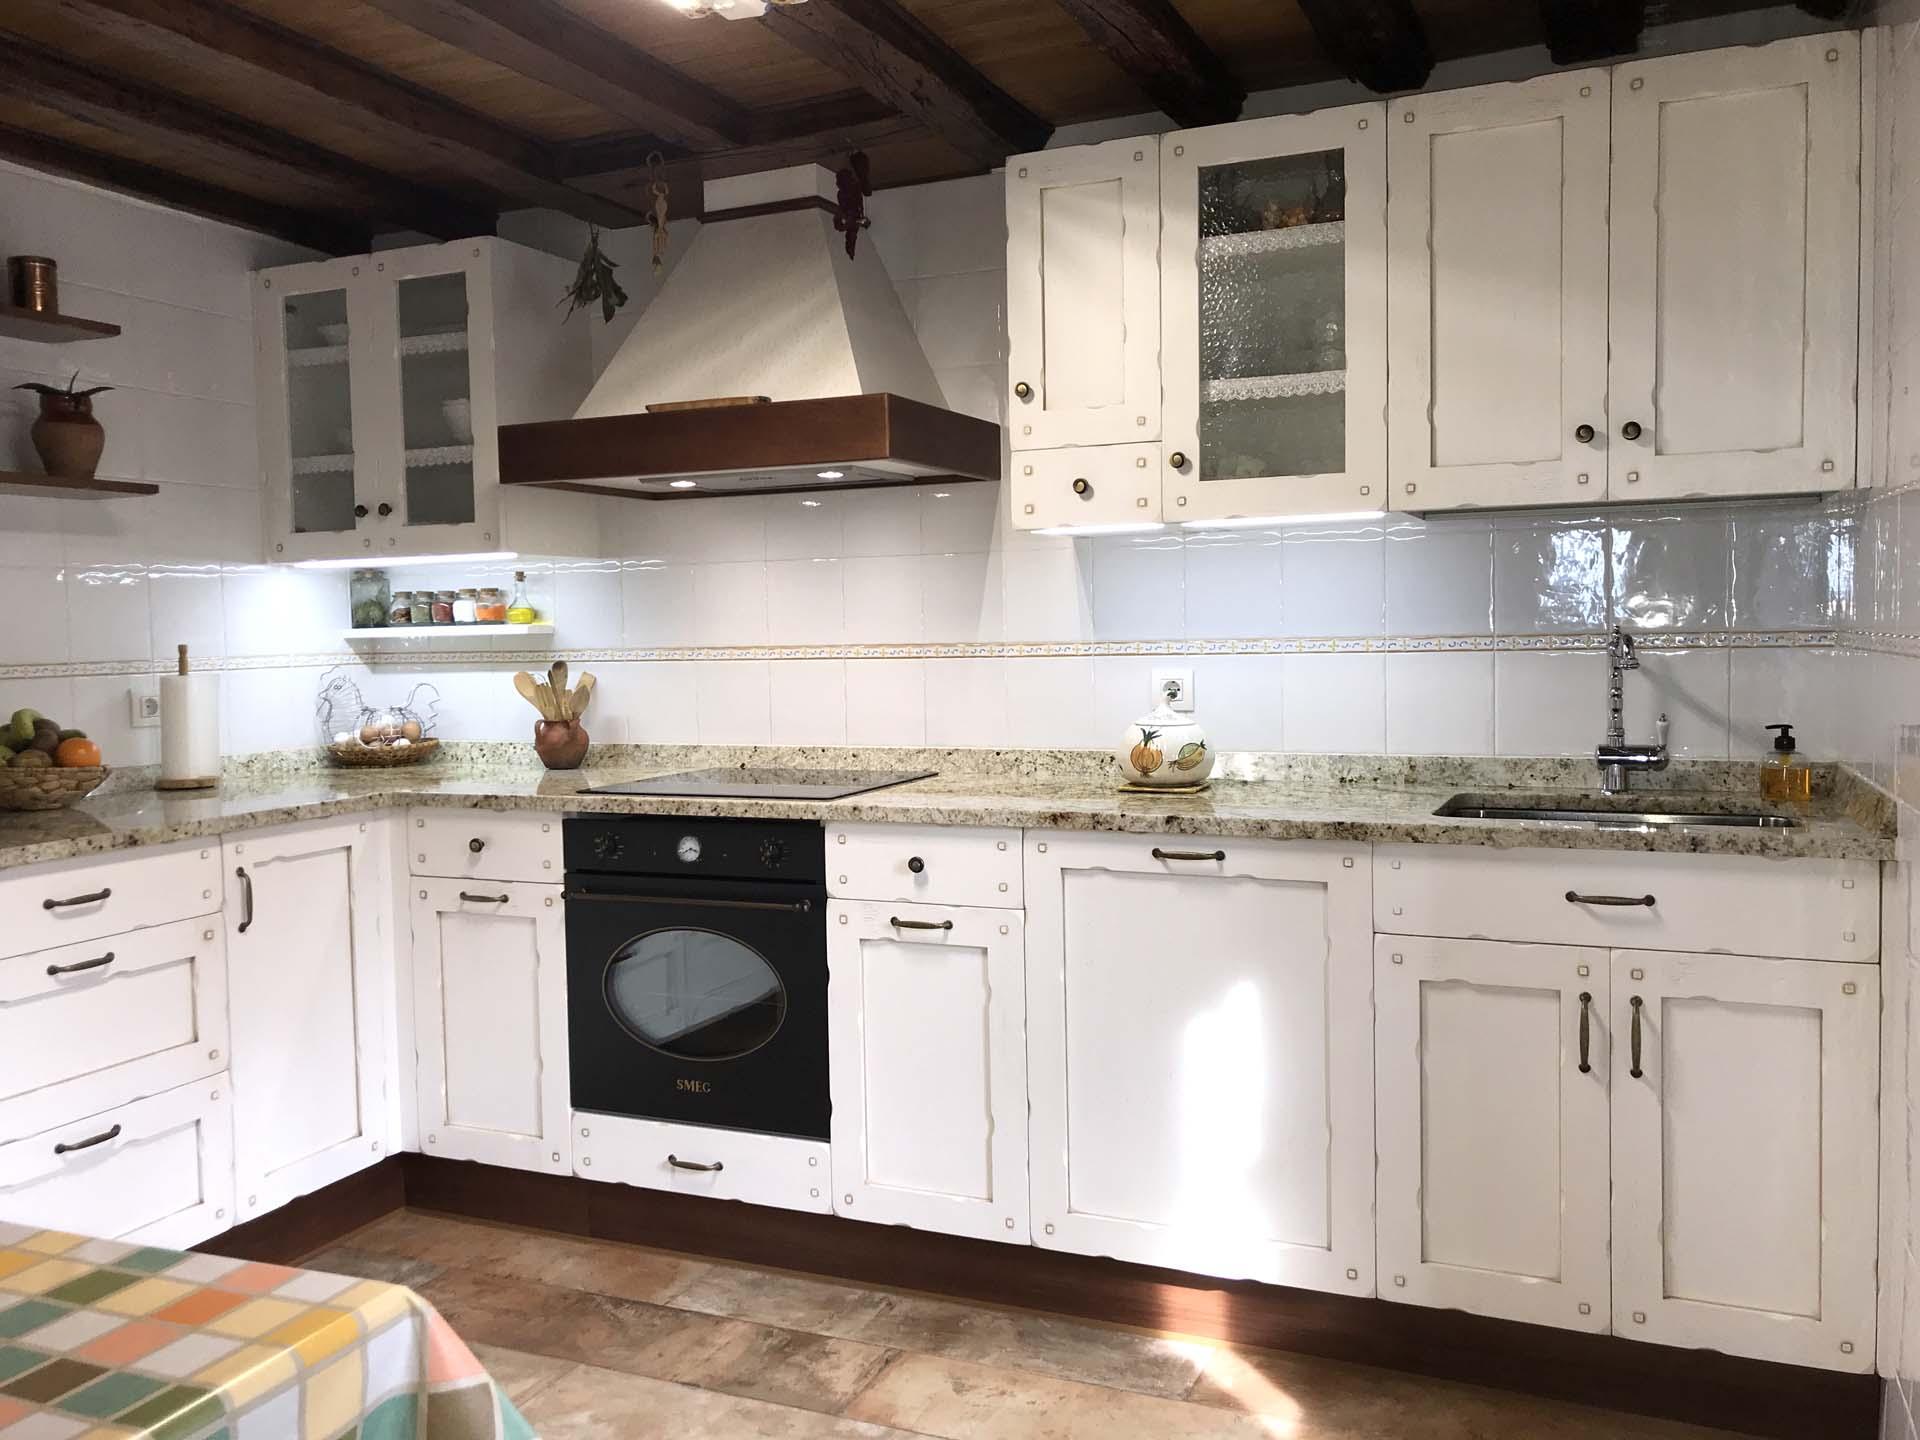 Cocina en madera de roble modelo castilla arnit for Muebles cocina madera